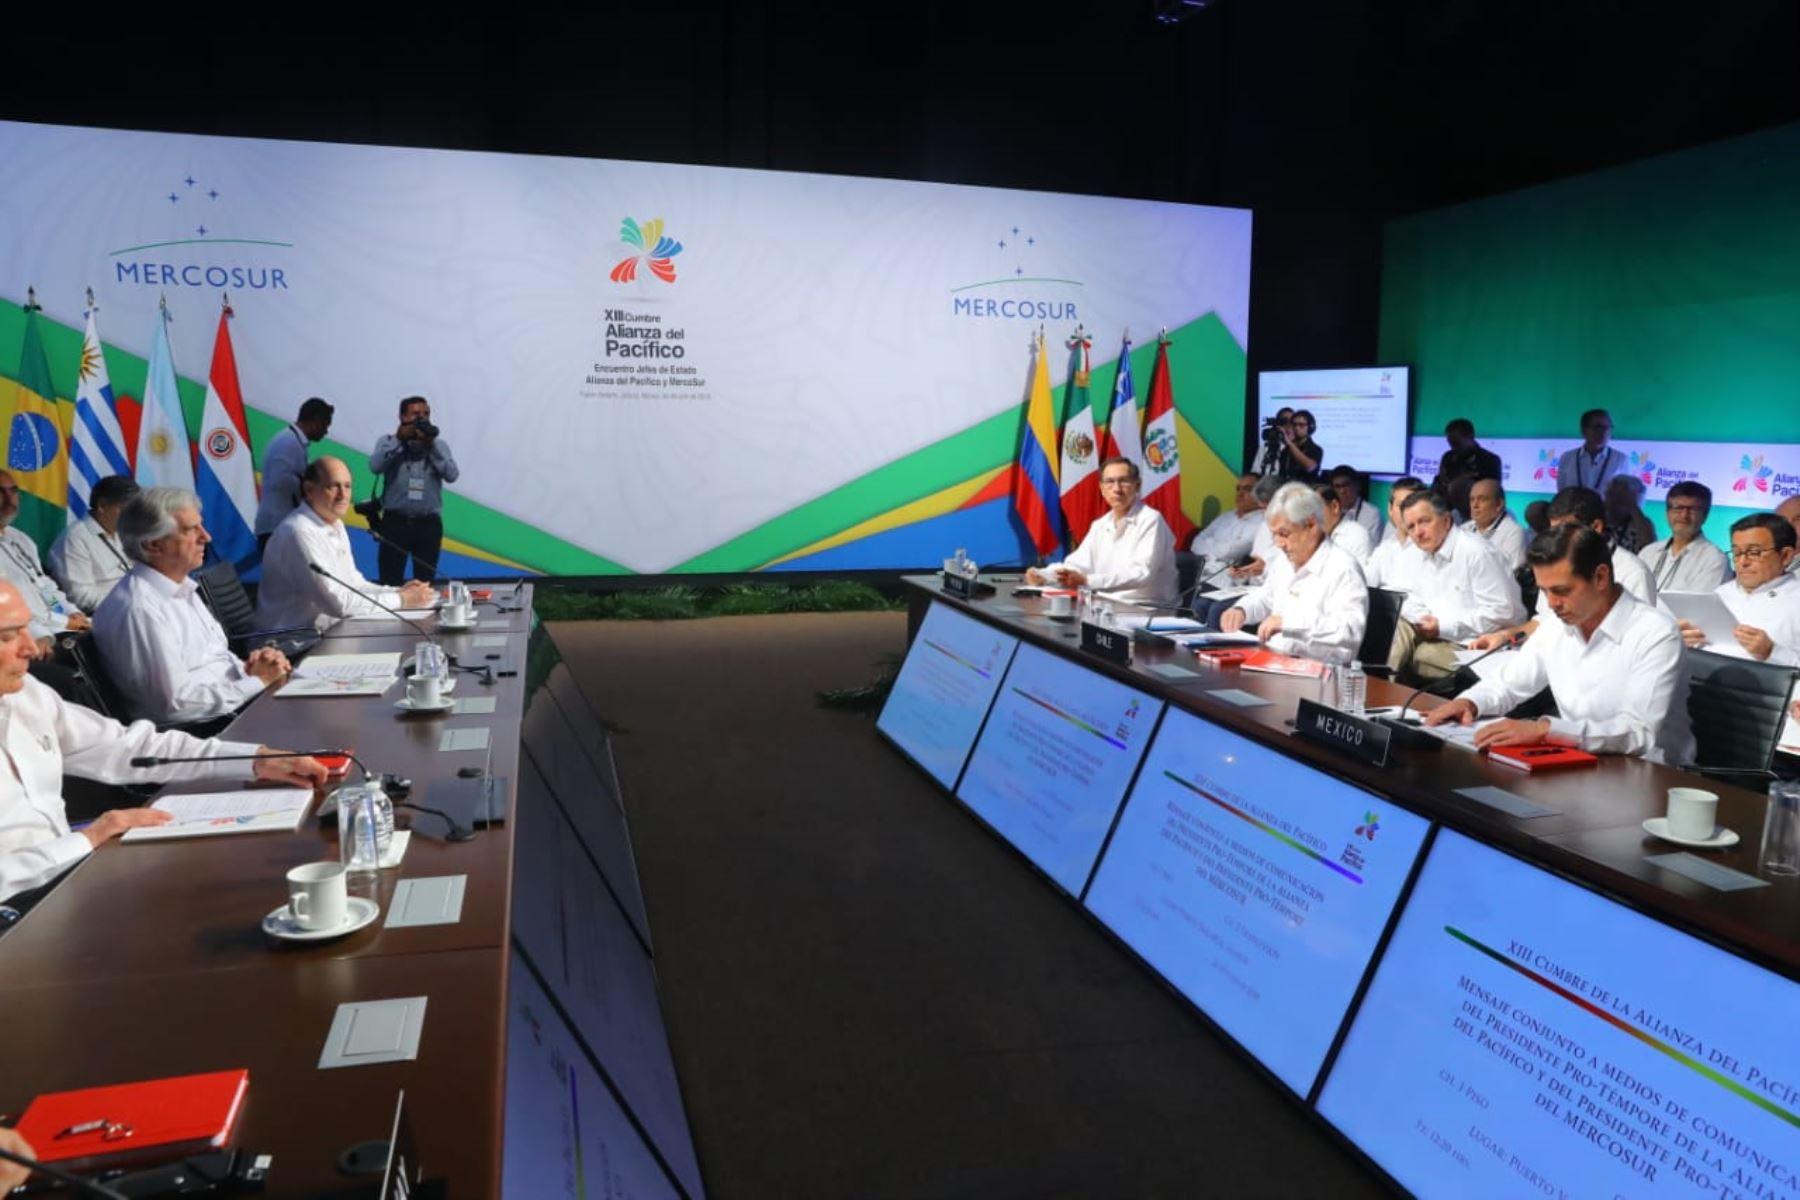 Reunión de presidentes del Alianza del Pacifico y del Mercosur. Foto: ANDINA/Prensa Presidencia